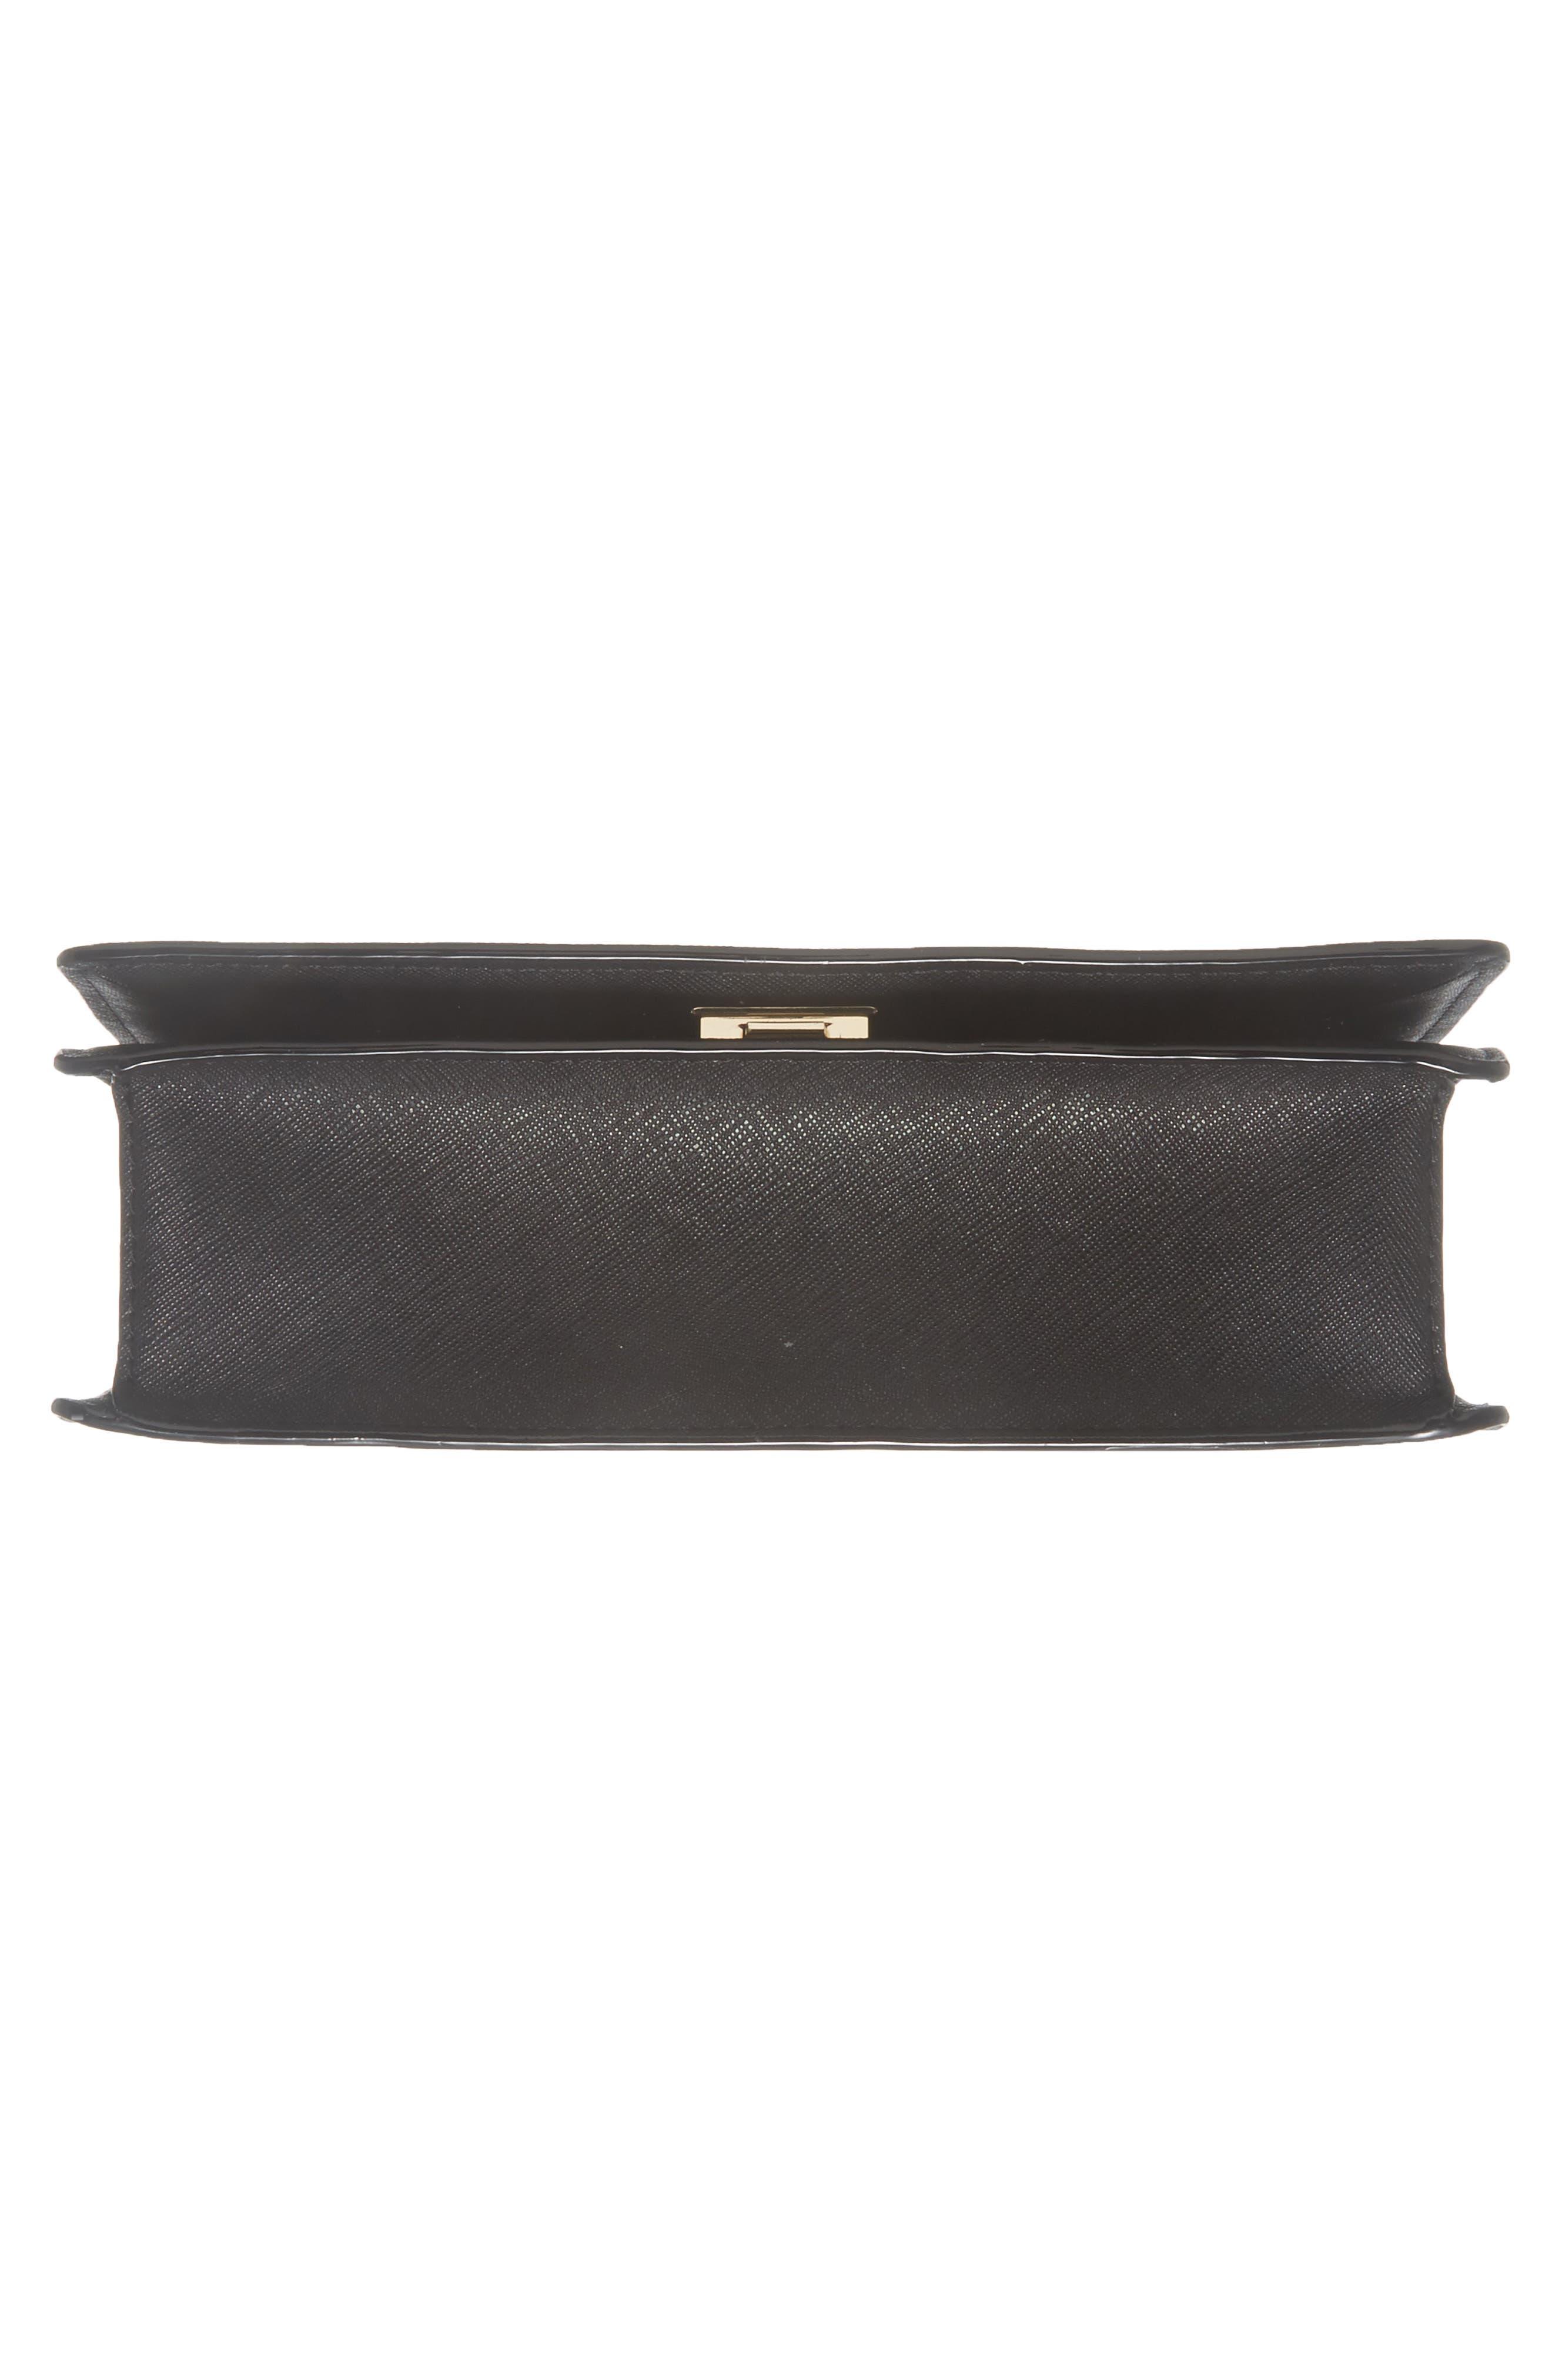 cameron street marci leather shoulder bag,                             Alternate thumbnail 3, color,                             Black